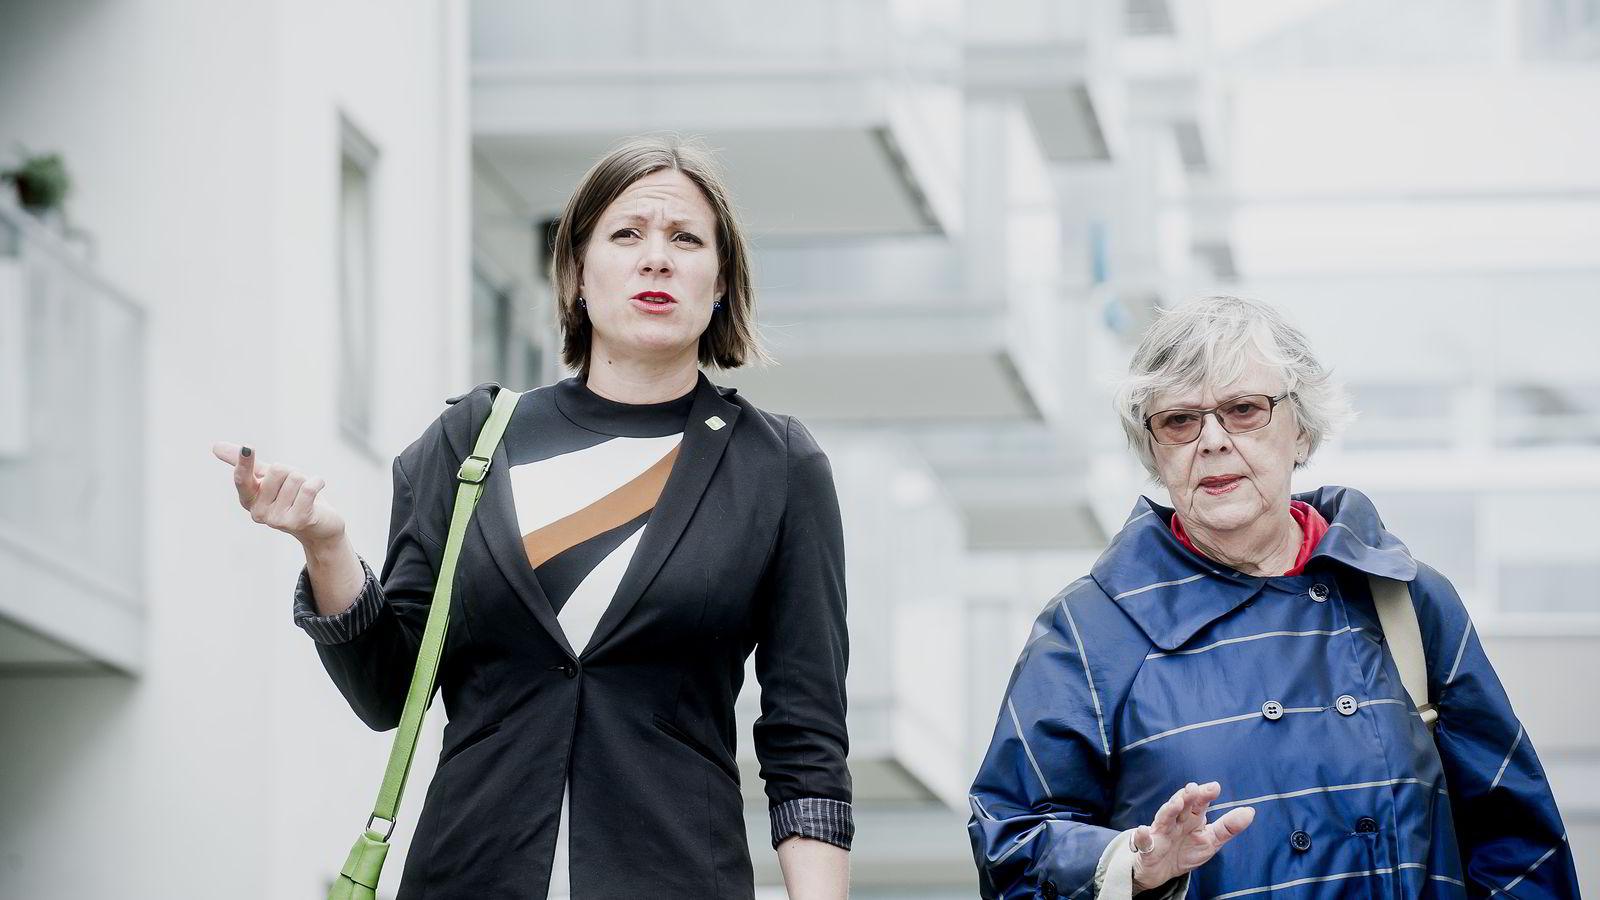 Leder Kari Gjesteby i Boligvekstutvalget overlever første delrapport til byråd for byutvikling Hanna E. Marcussen (t.v.). Foto: Gorm K. Gaare.